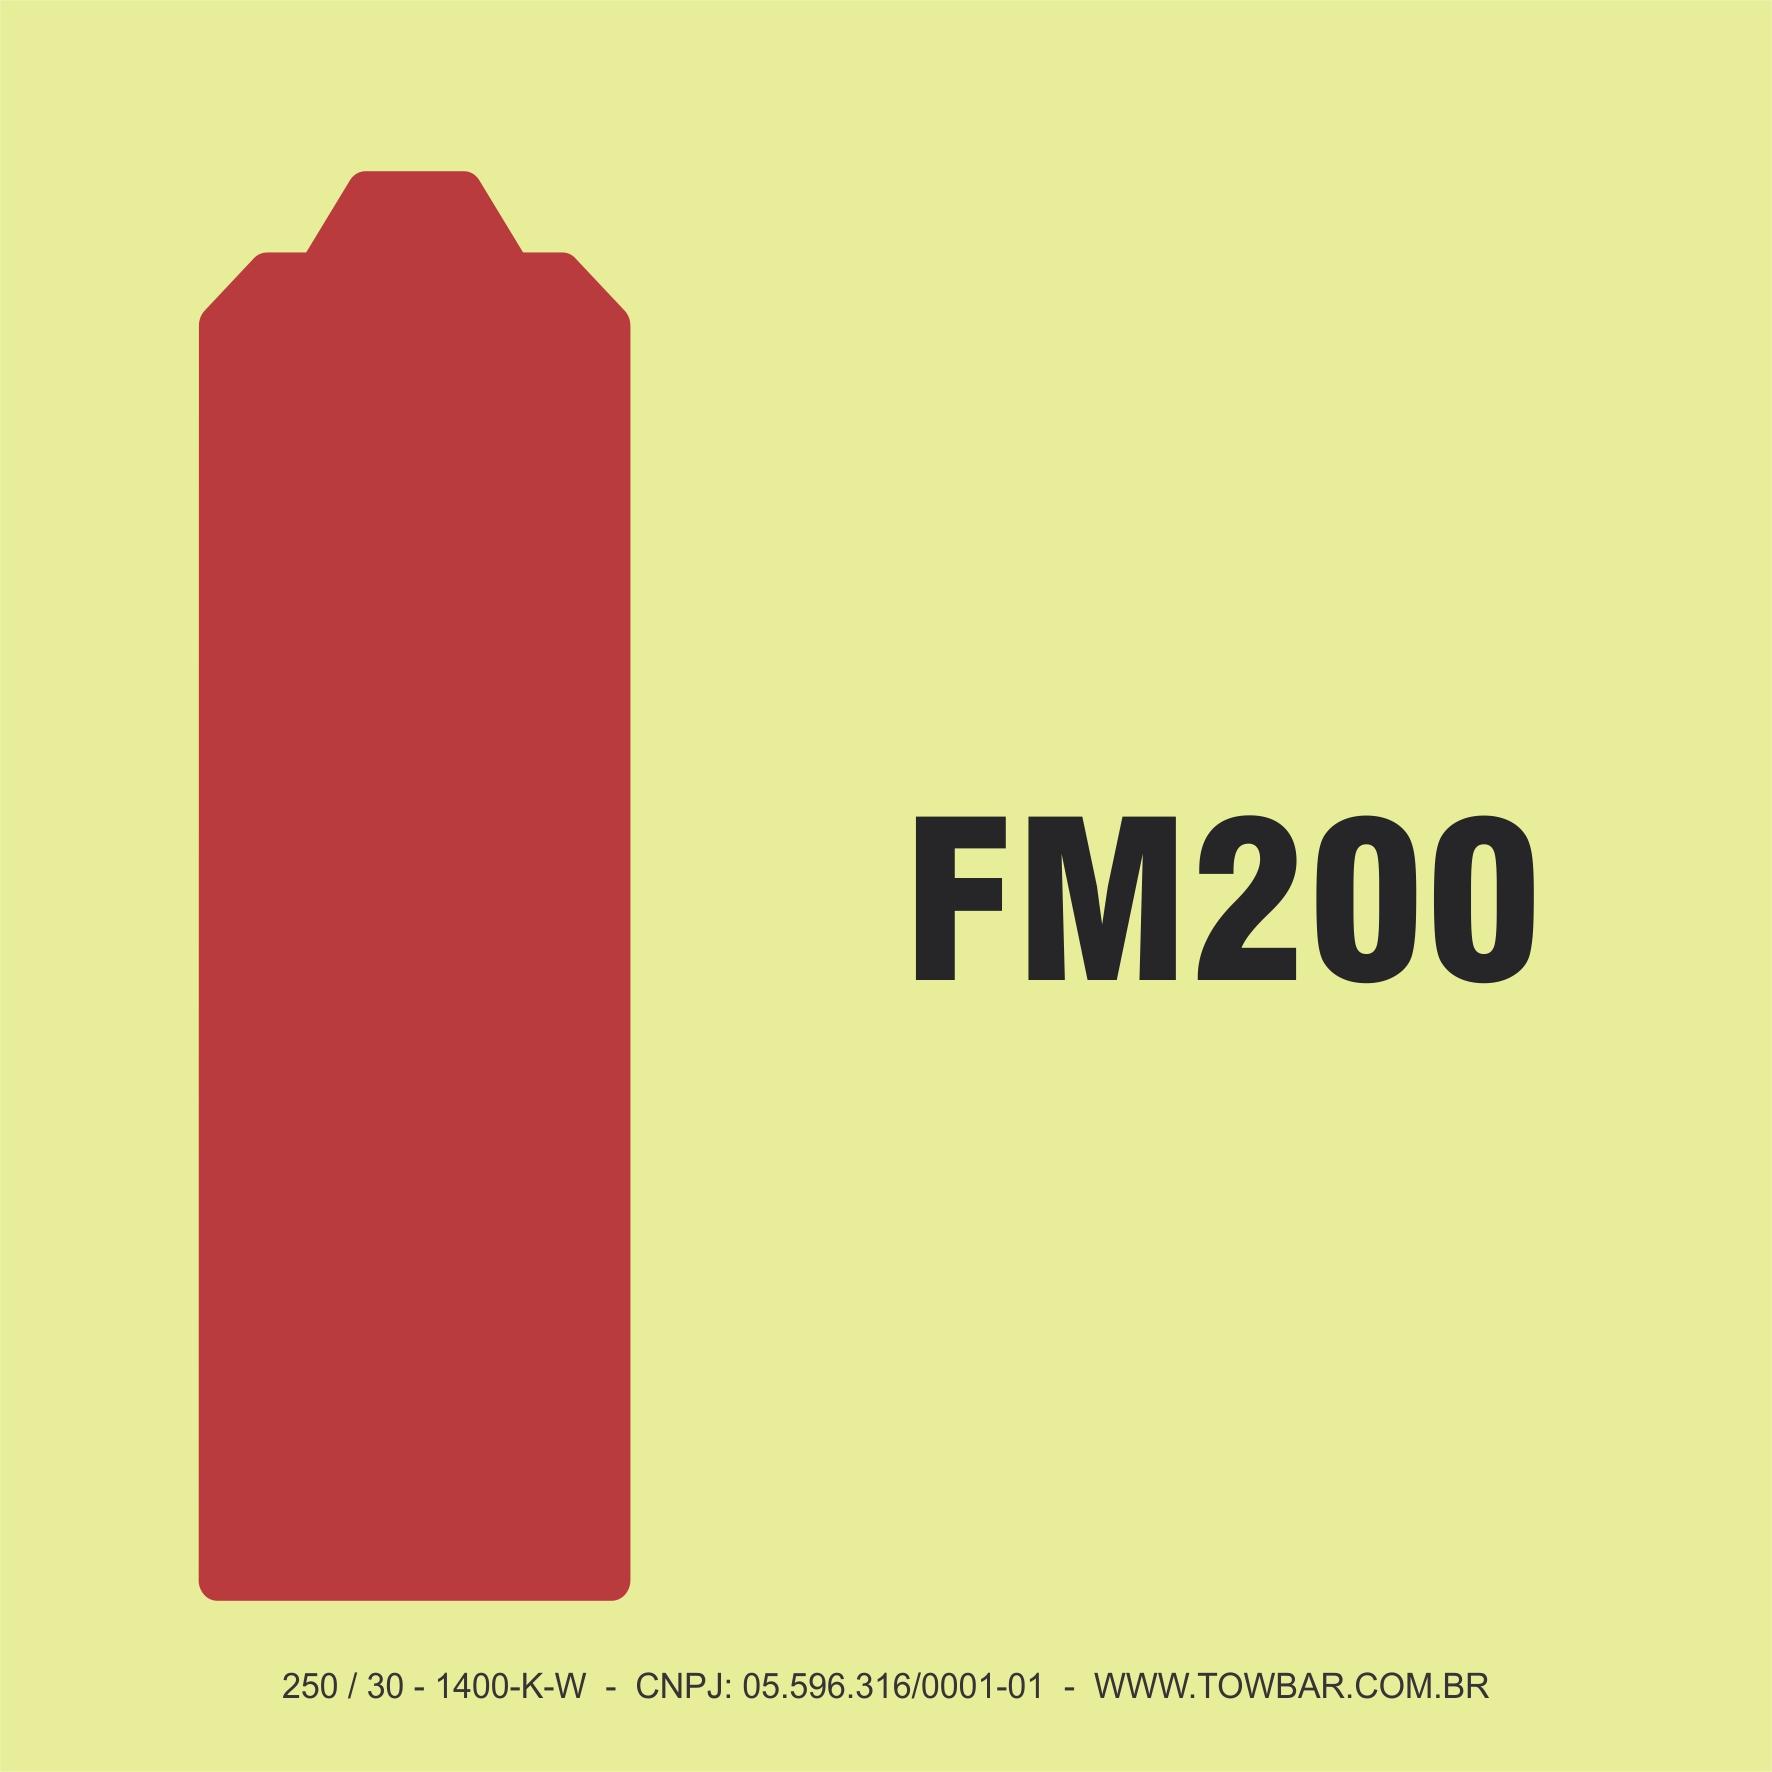 Cilindro do Sistema FM 200  - Towbar Sinalização de Segurança